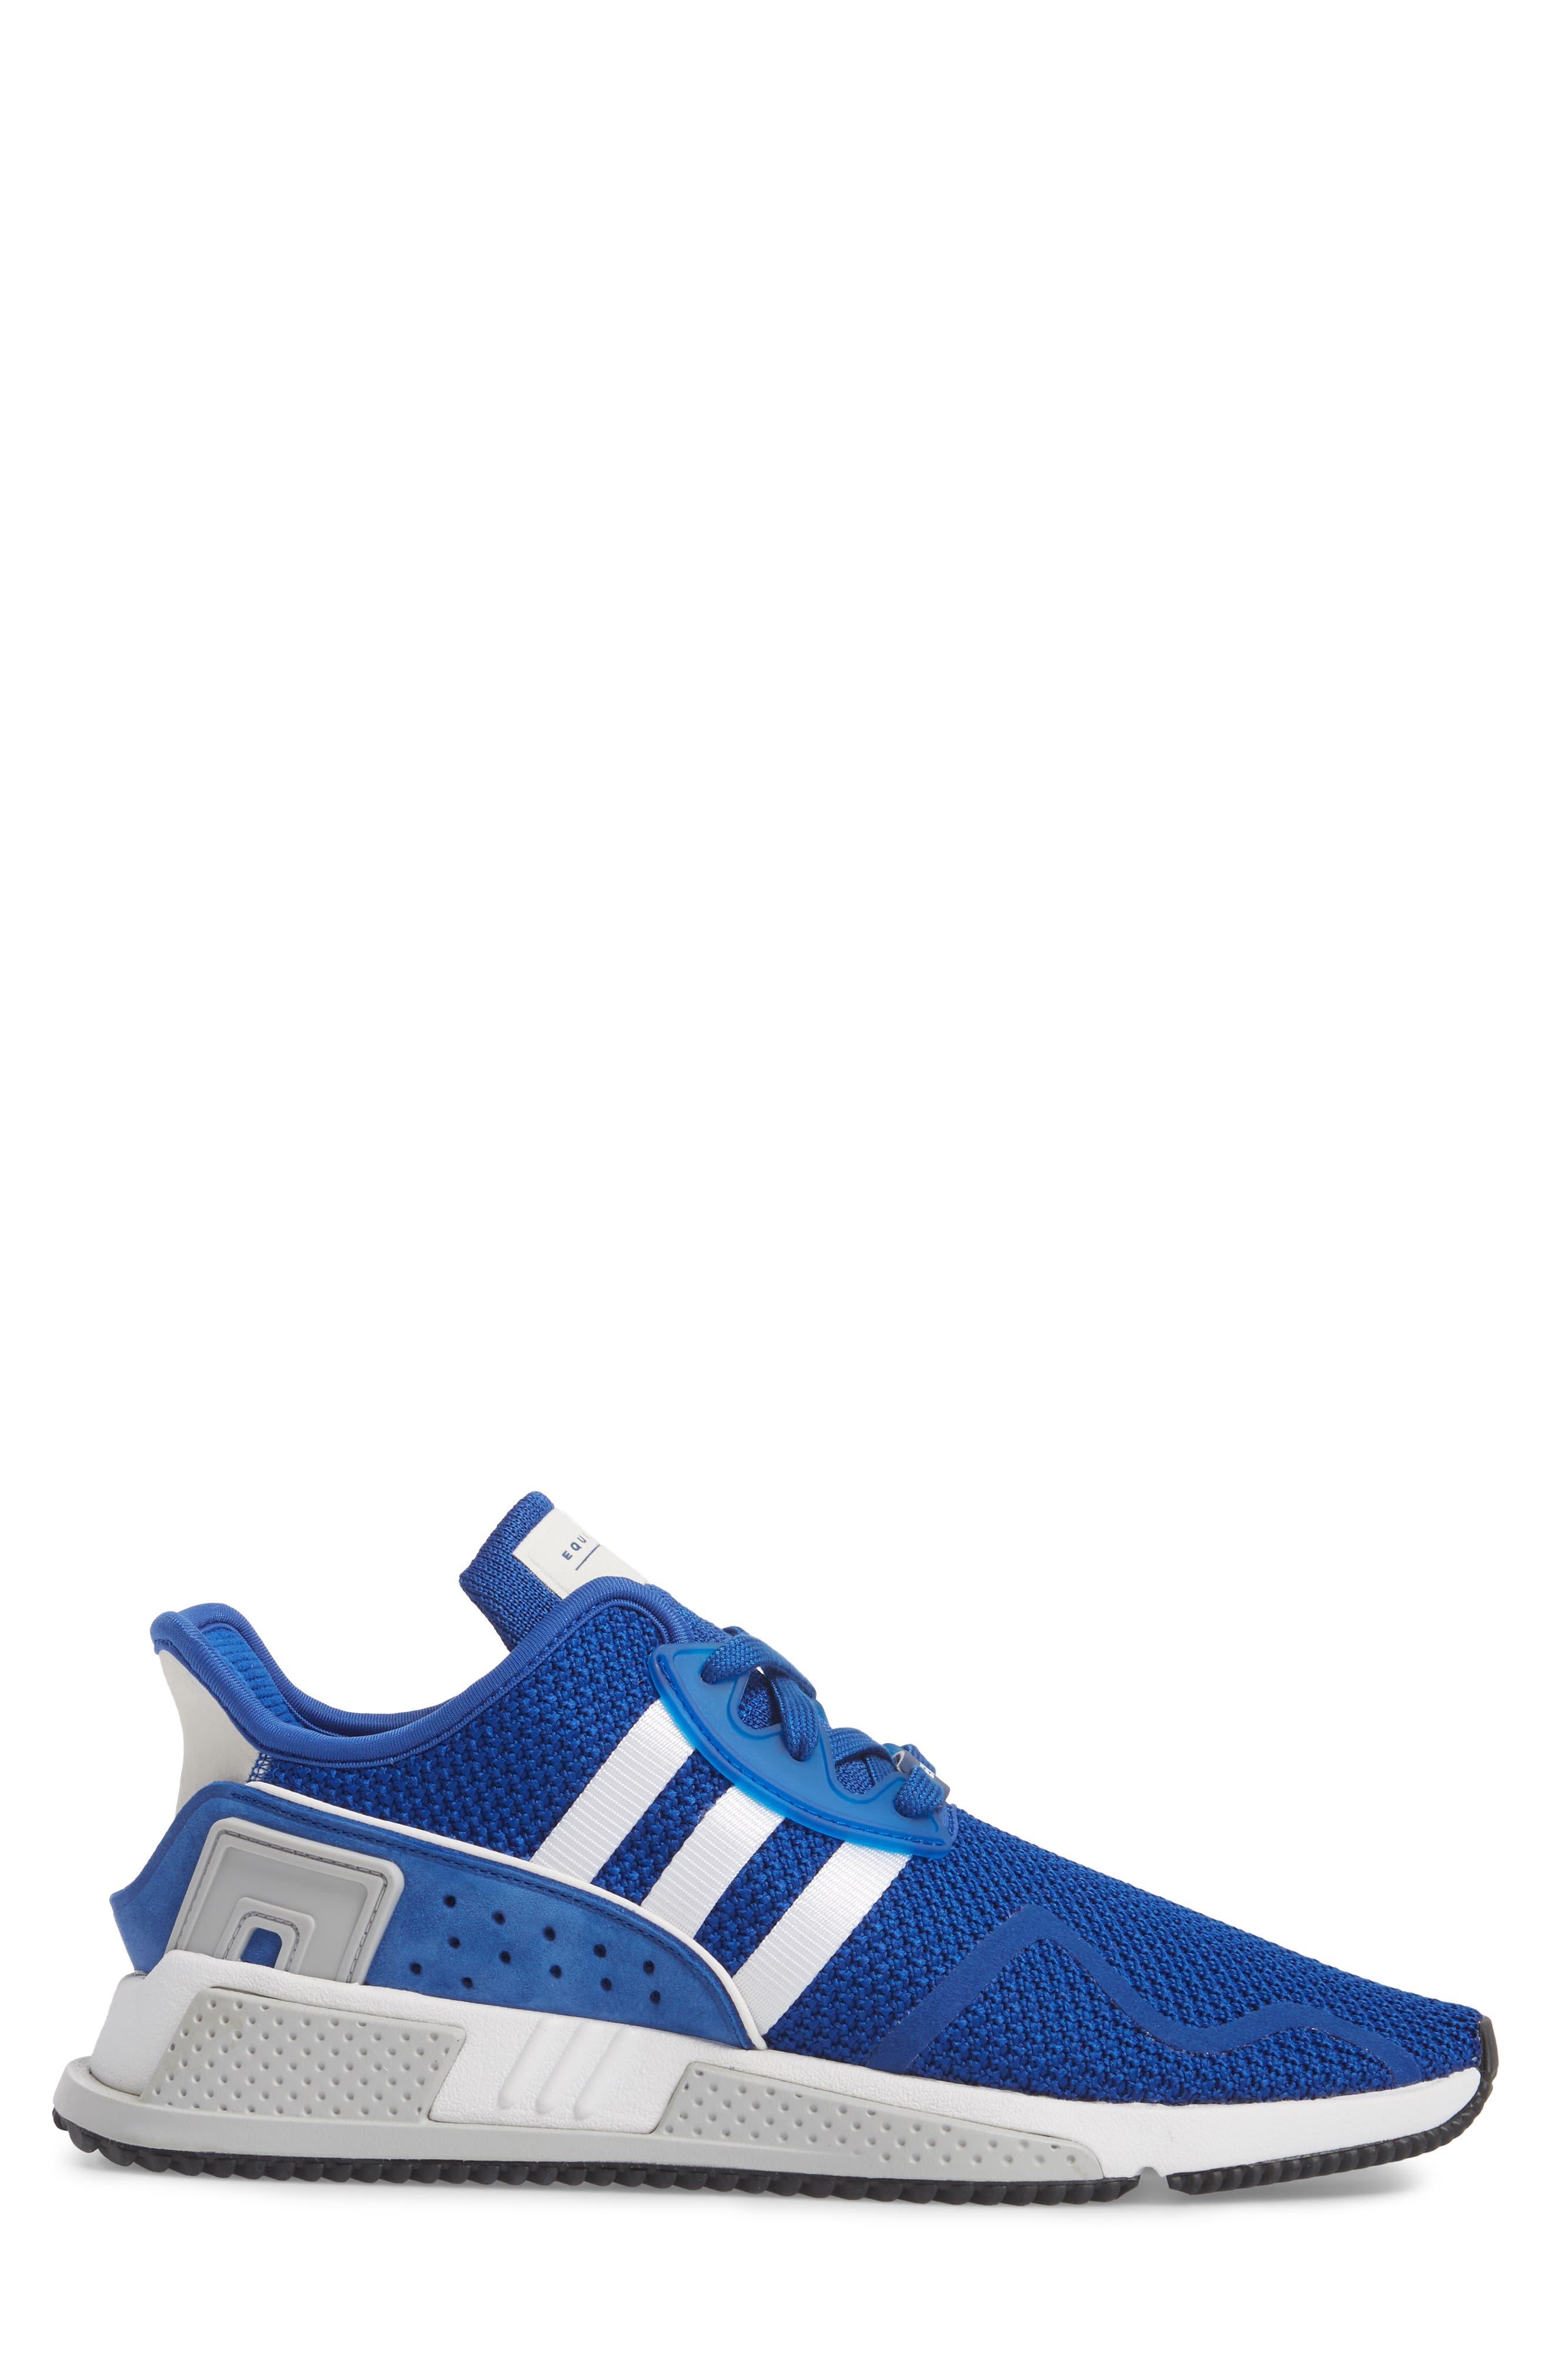 EQT Cushion ADV Sneaker,                             Alternate thumbnail 3, color,                             400